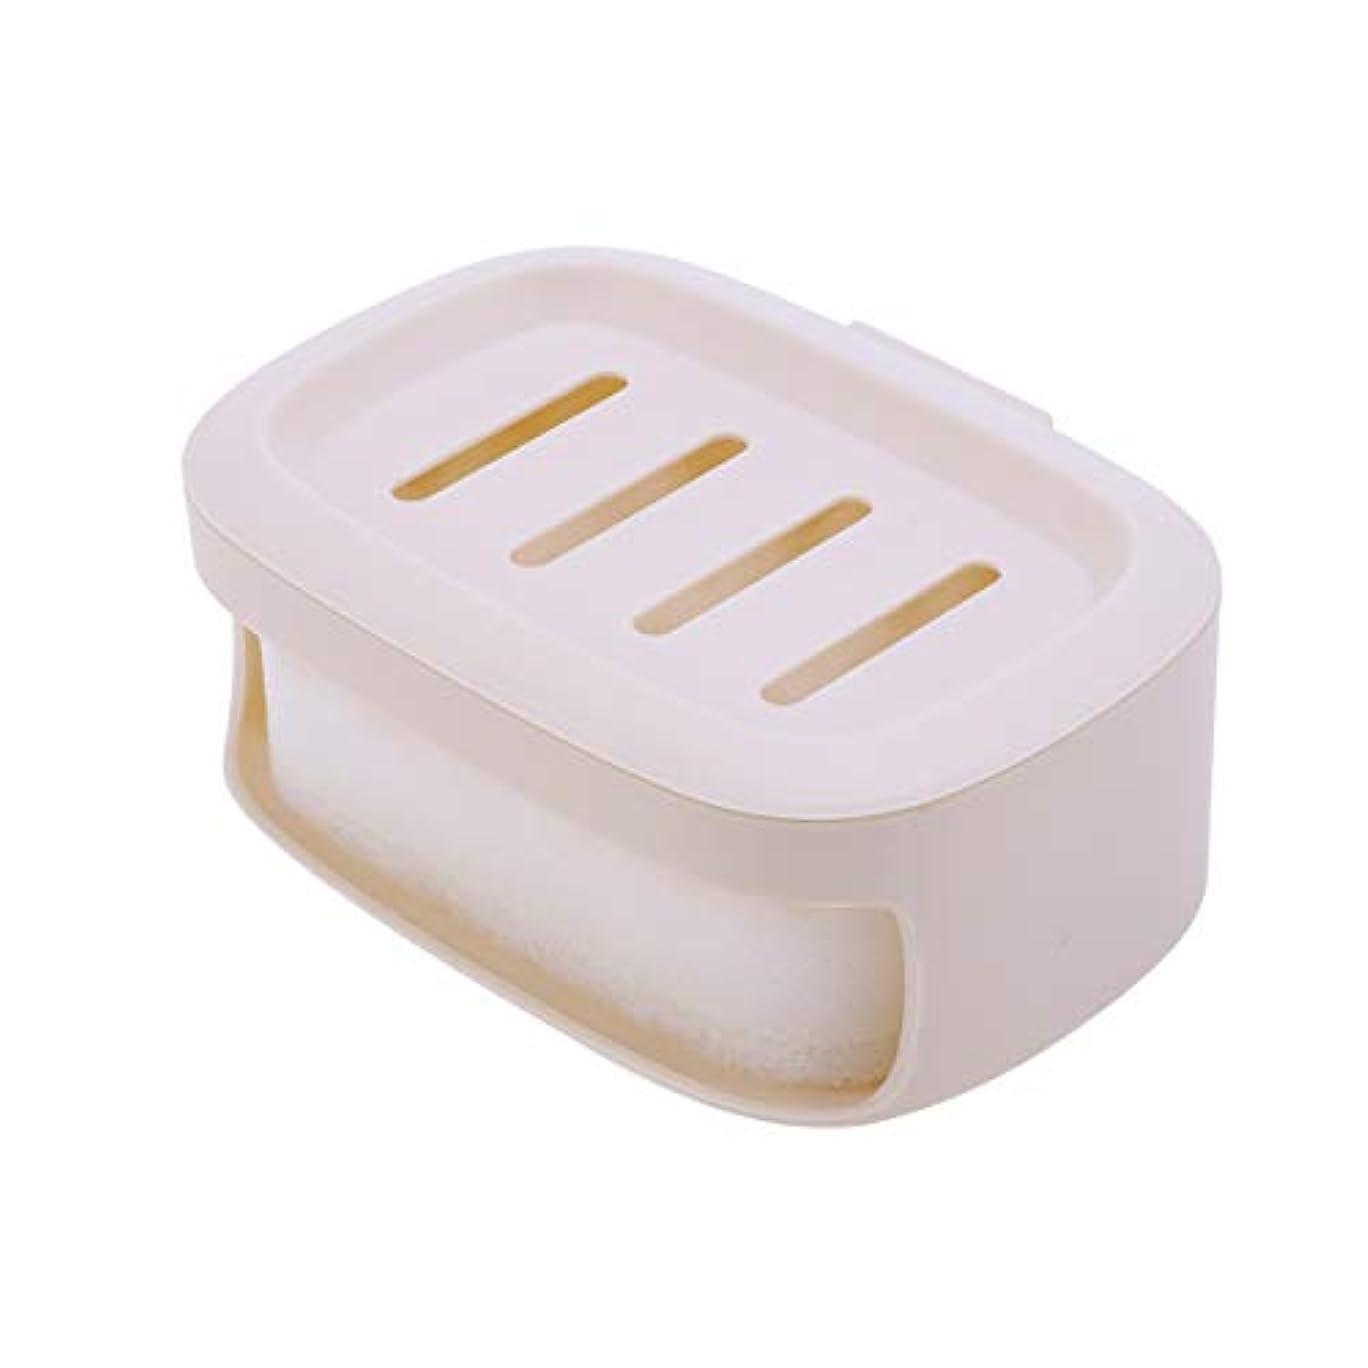 オンス消費者複雑Healifty せっけん箱防水シールせっけんコンテナ二重層せっけん収納ケース(カーキ)